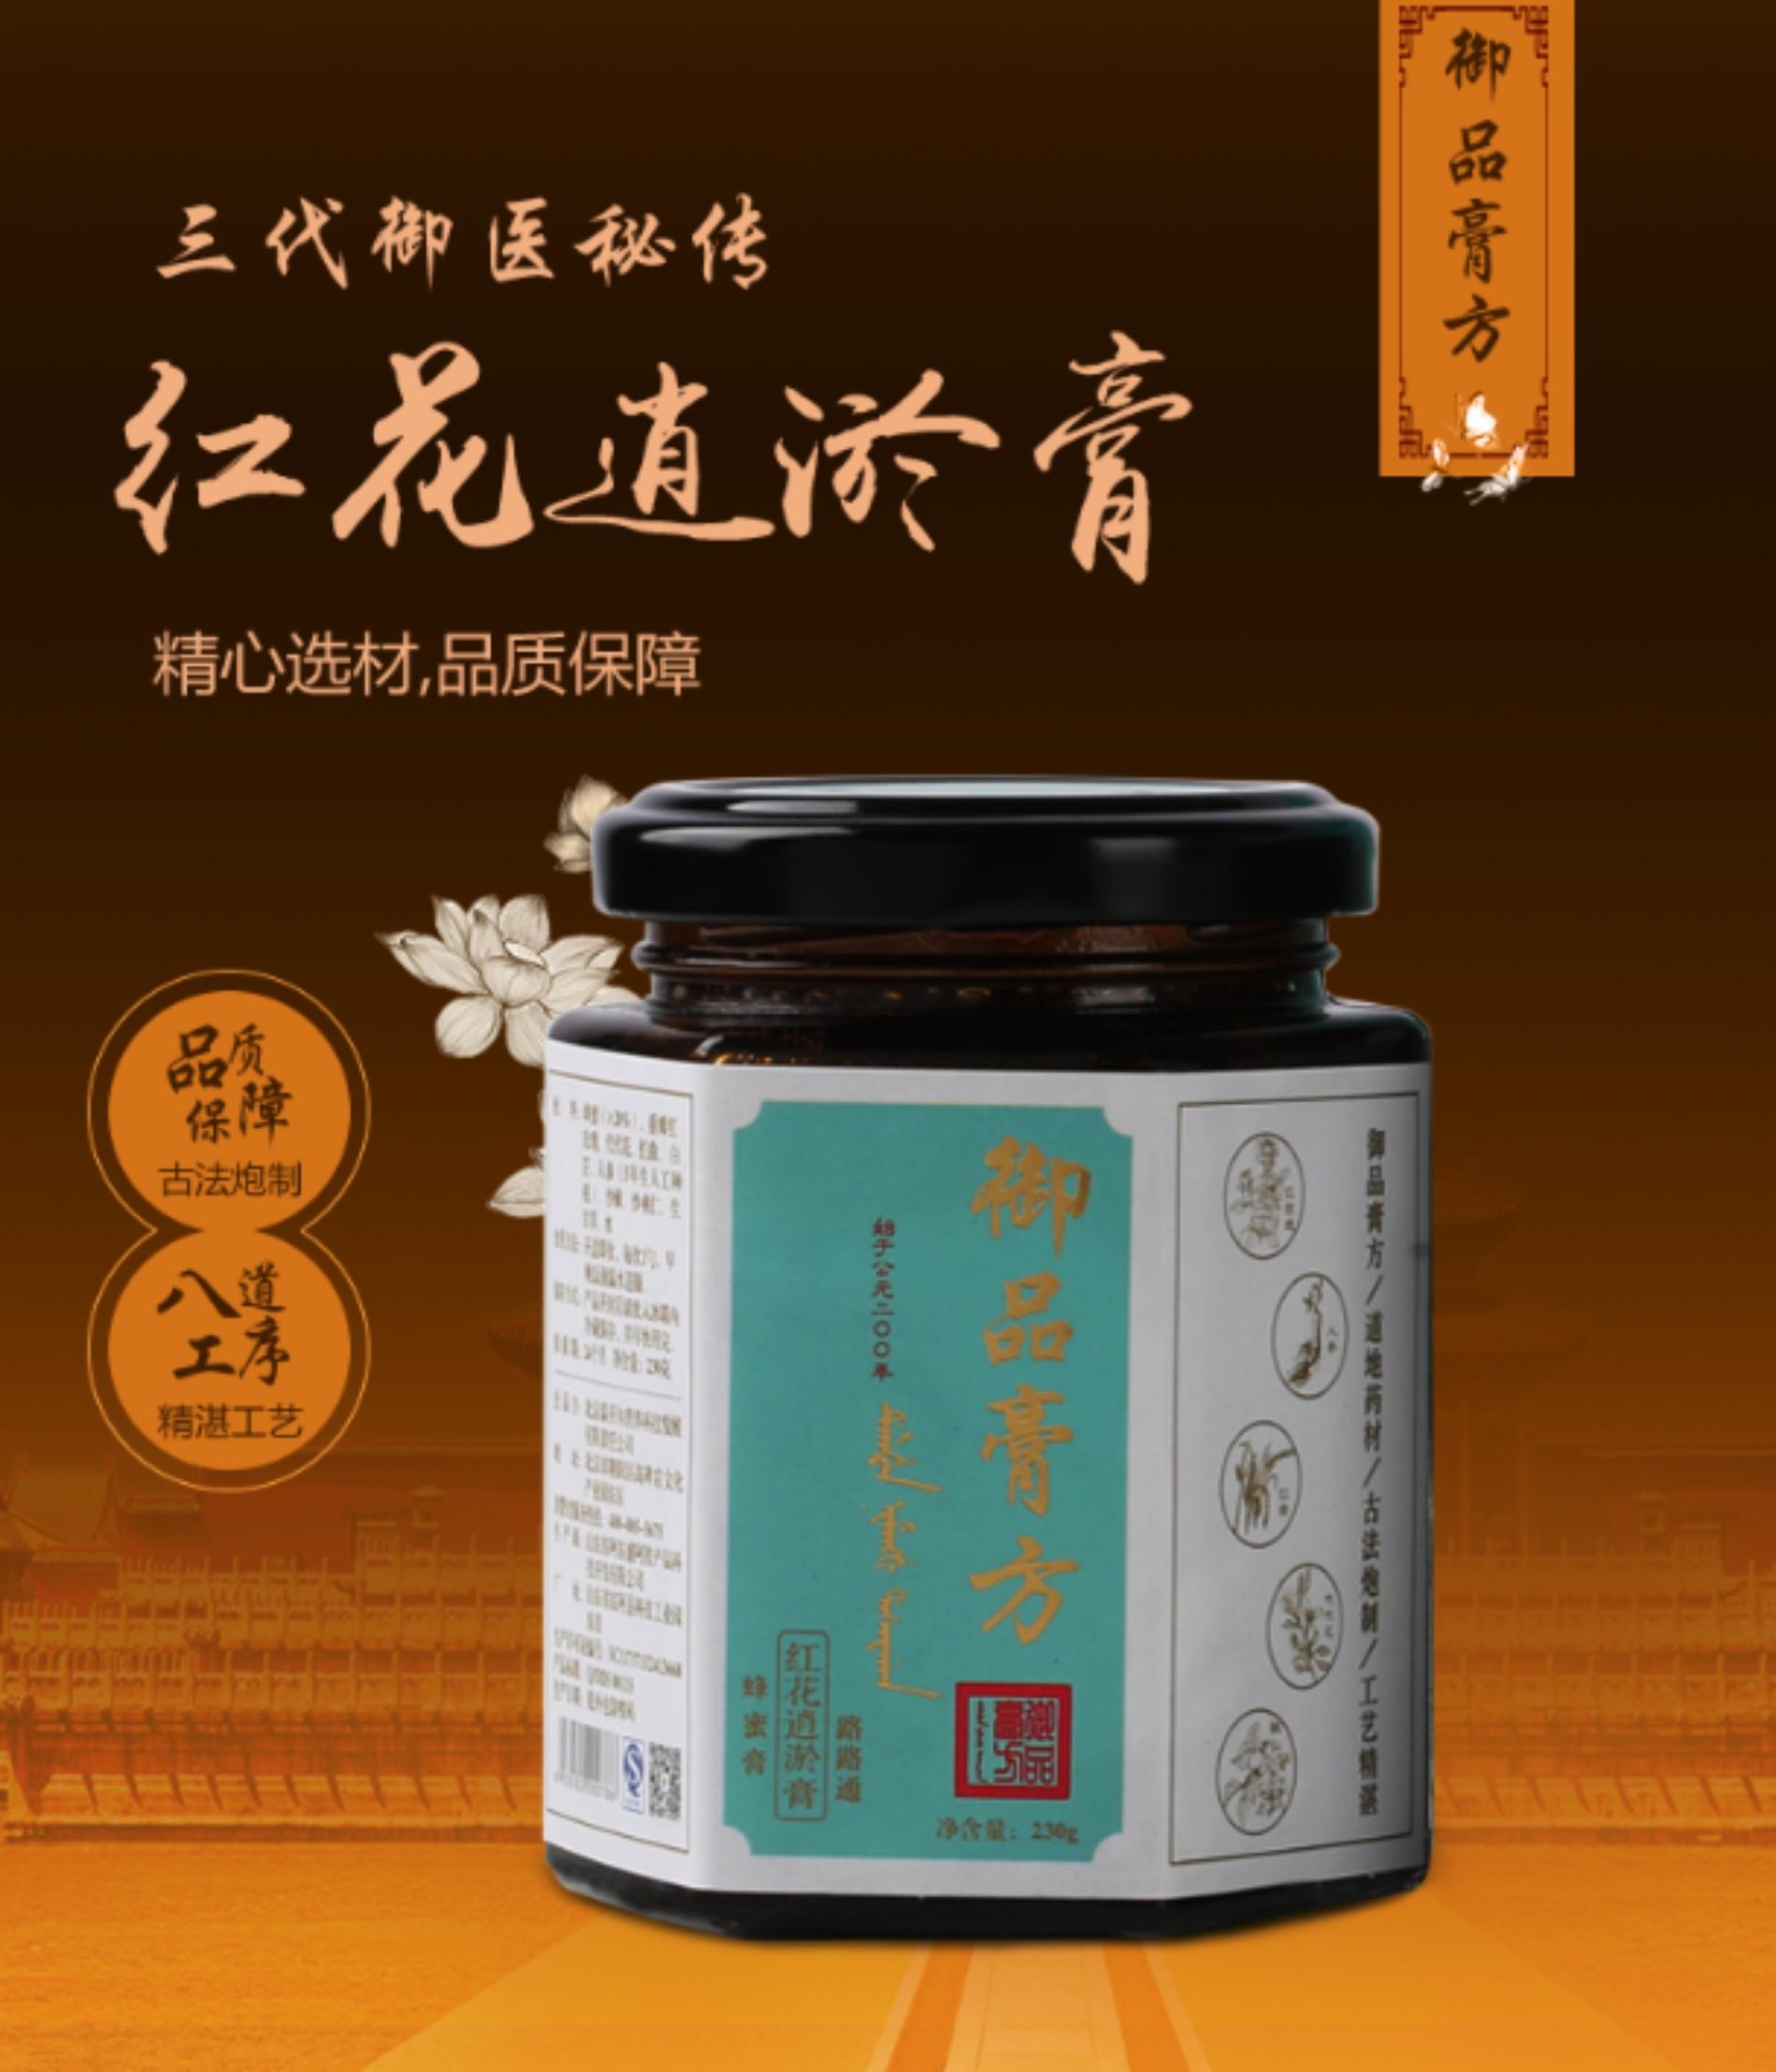 李刘坤御品膏方红花逍淤膏瓶装 膏方调理养生  假一赔十 现货包邮